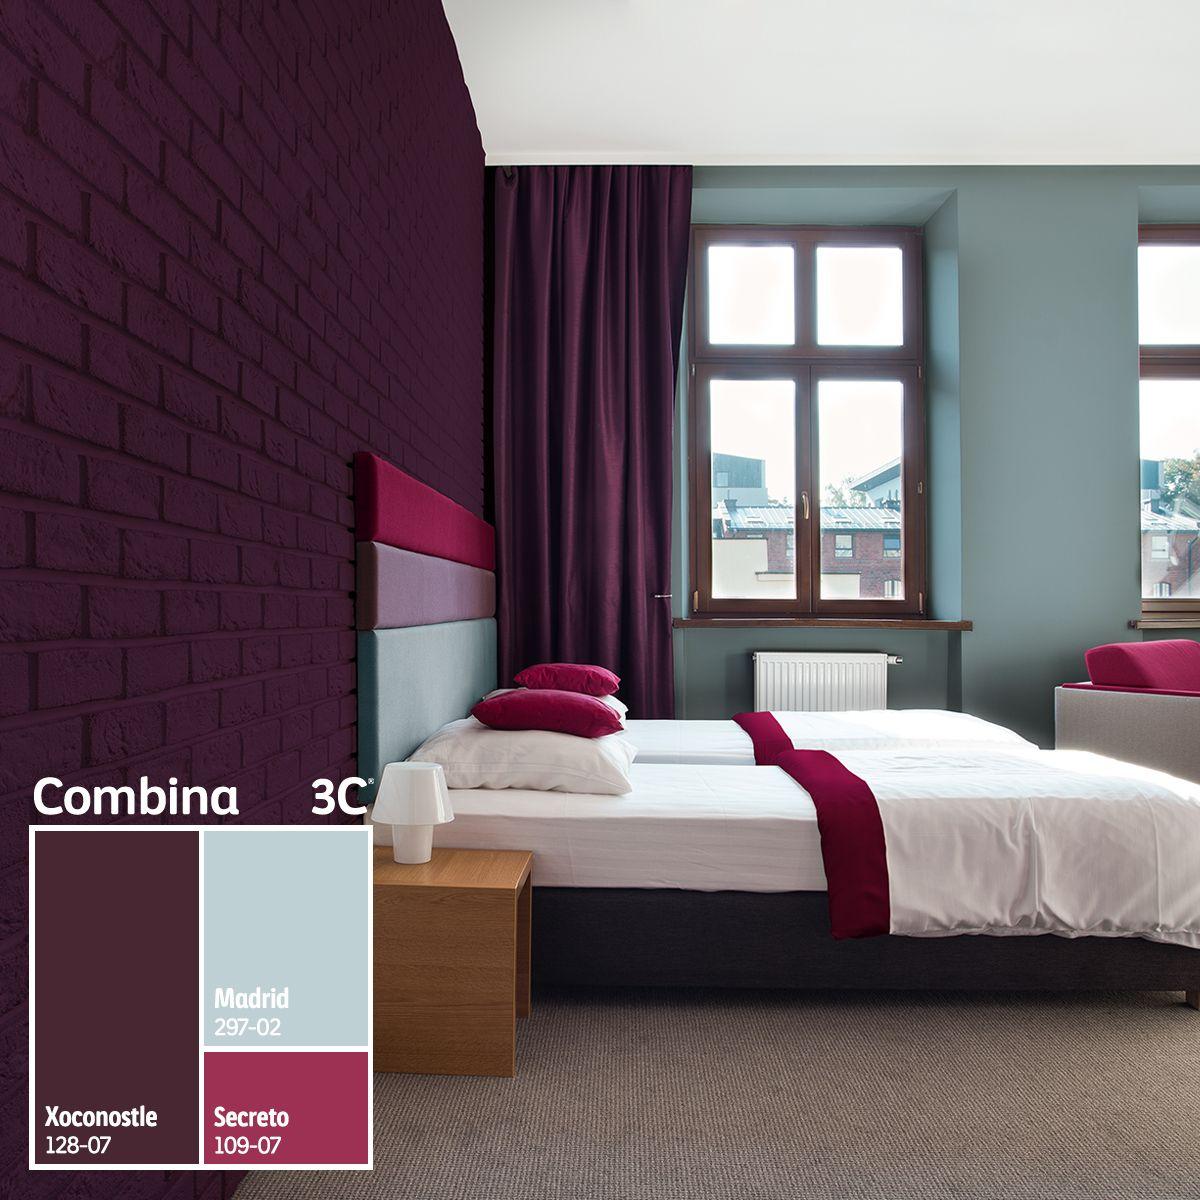 xoconostle un color intenso que llenar tus ambientes de energa